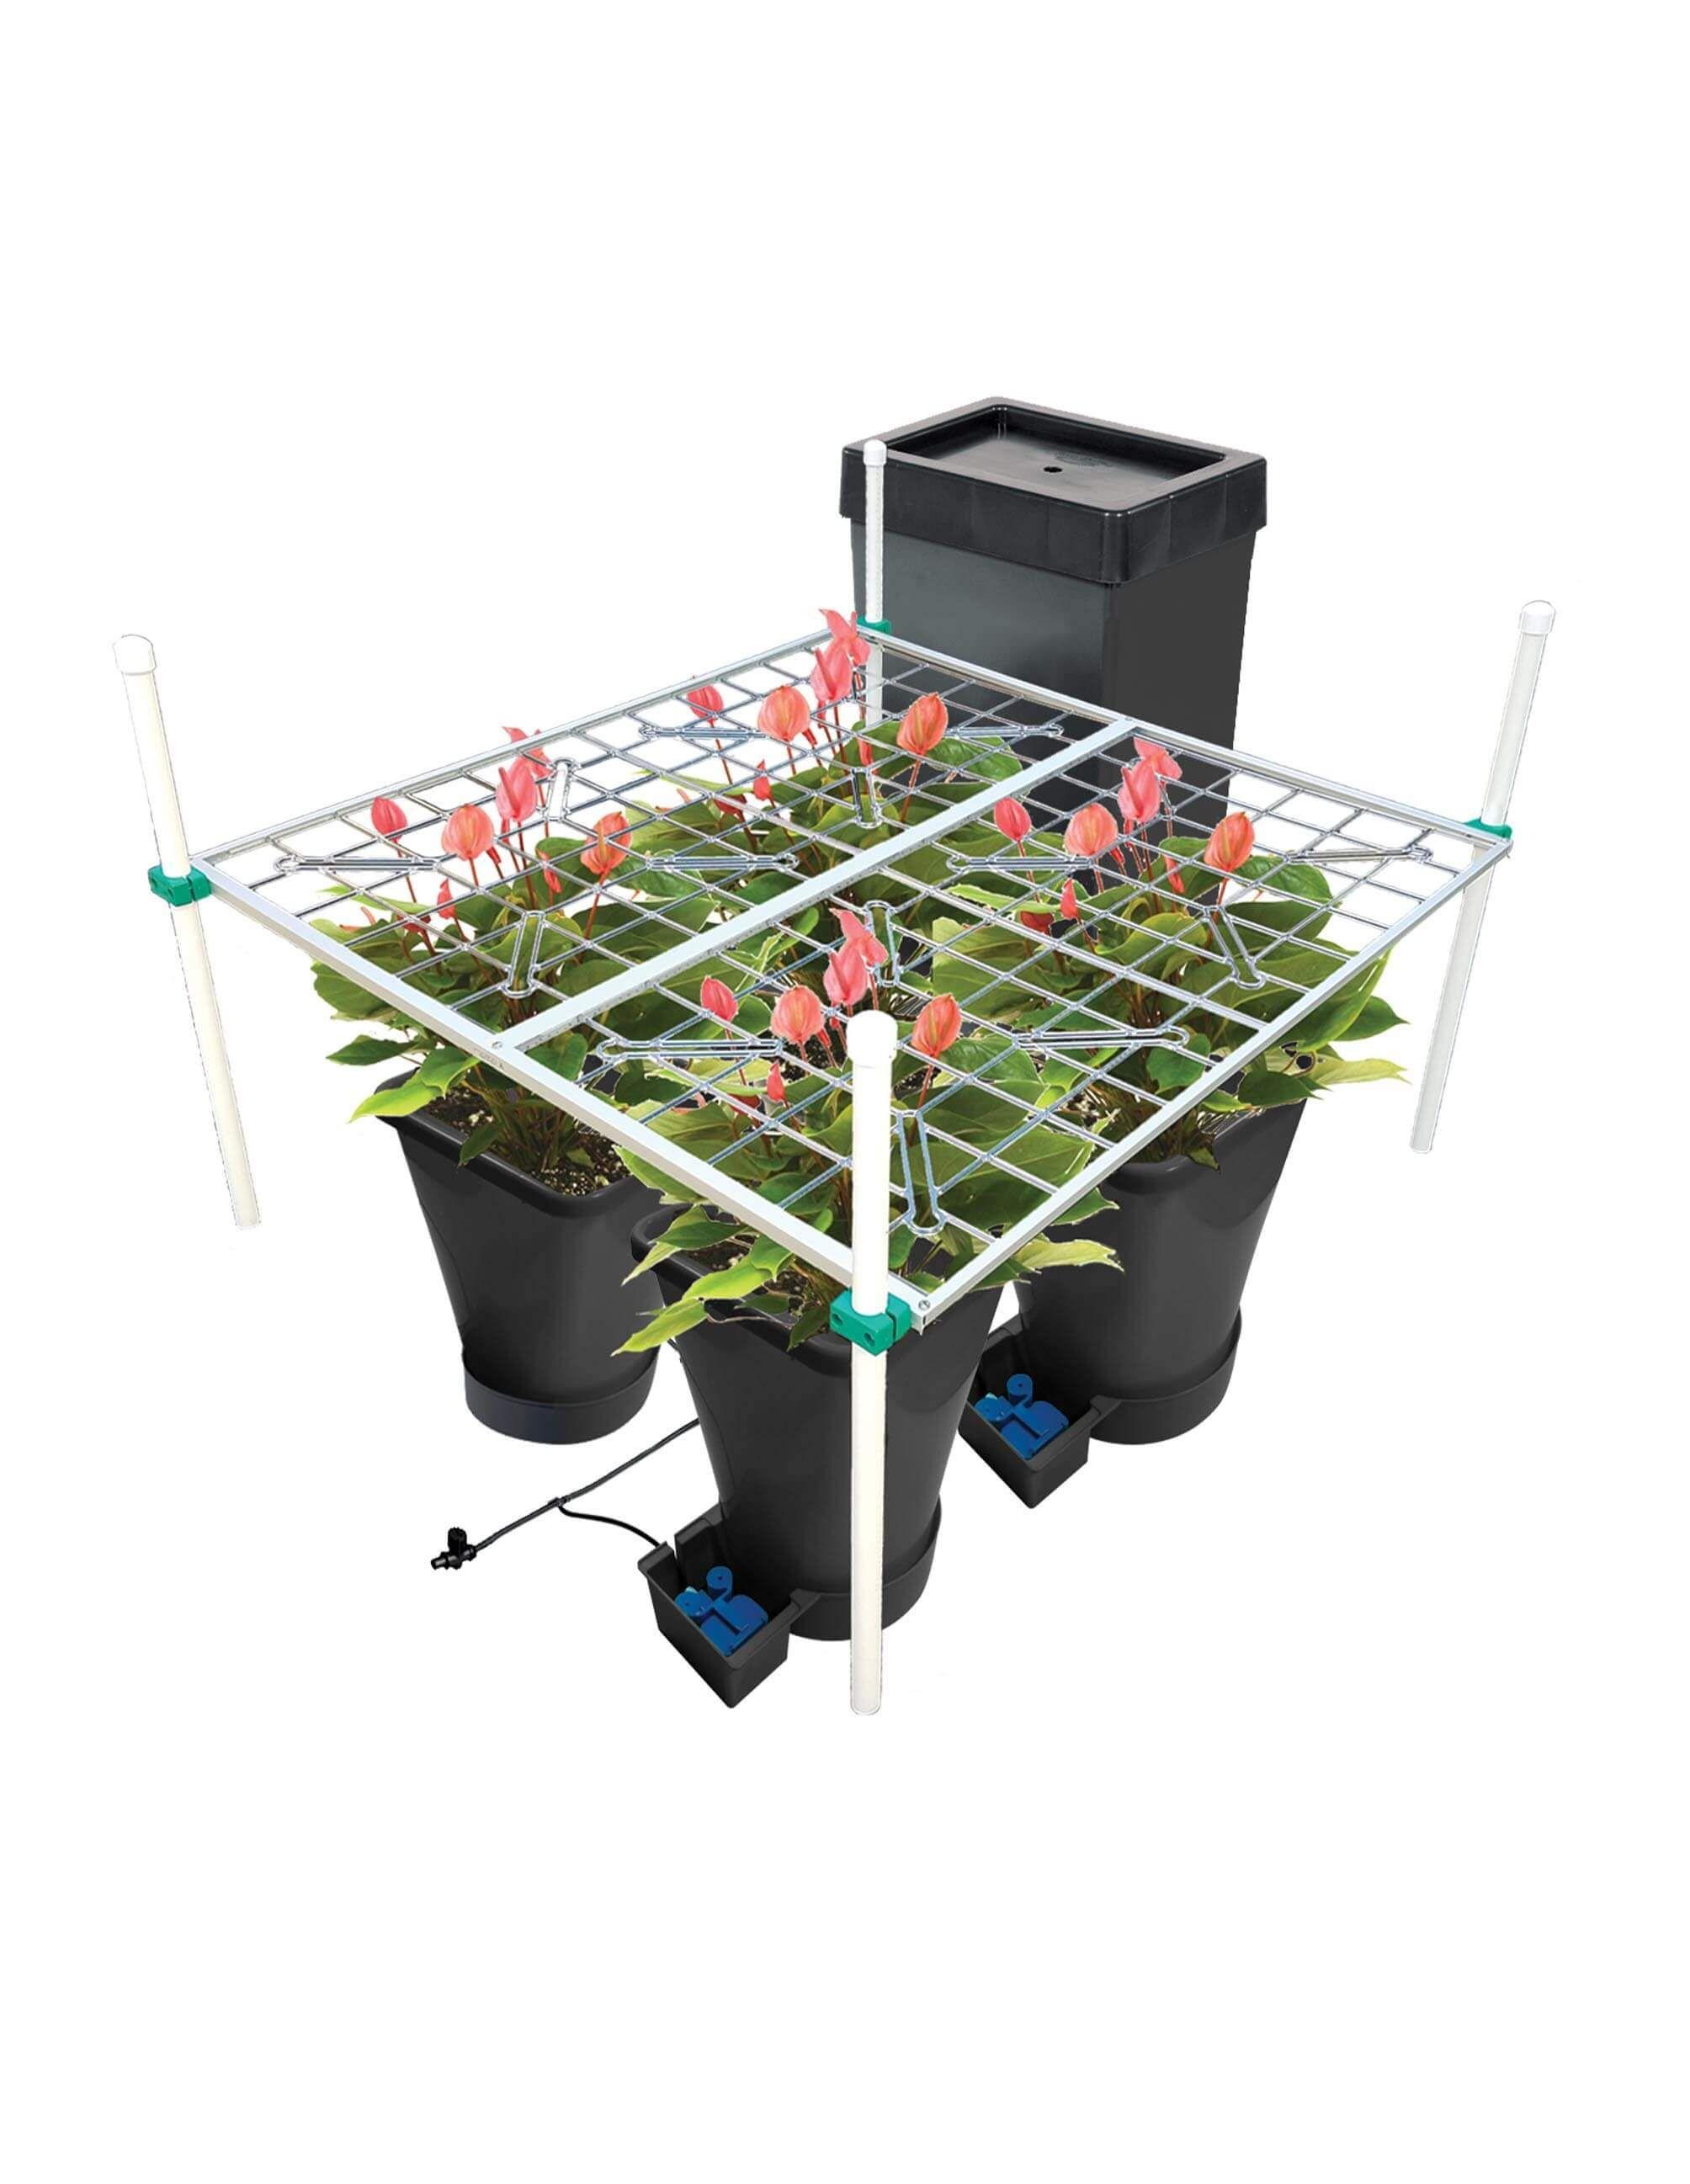 AutoPot 4 Pot with P SCROG 4x4 | Marijuana | Indoor grow